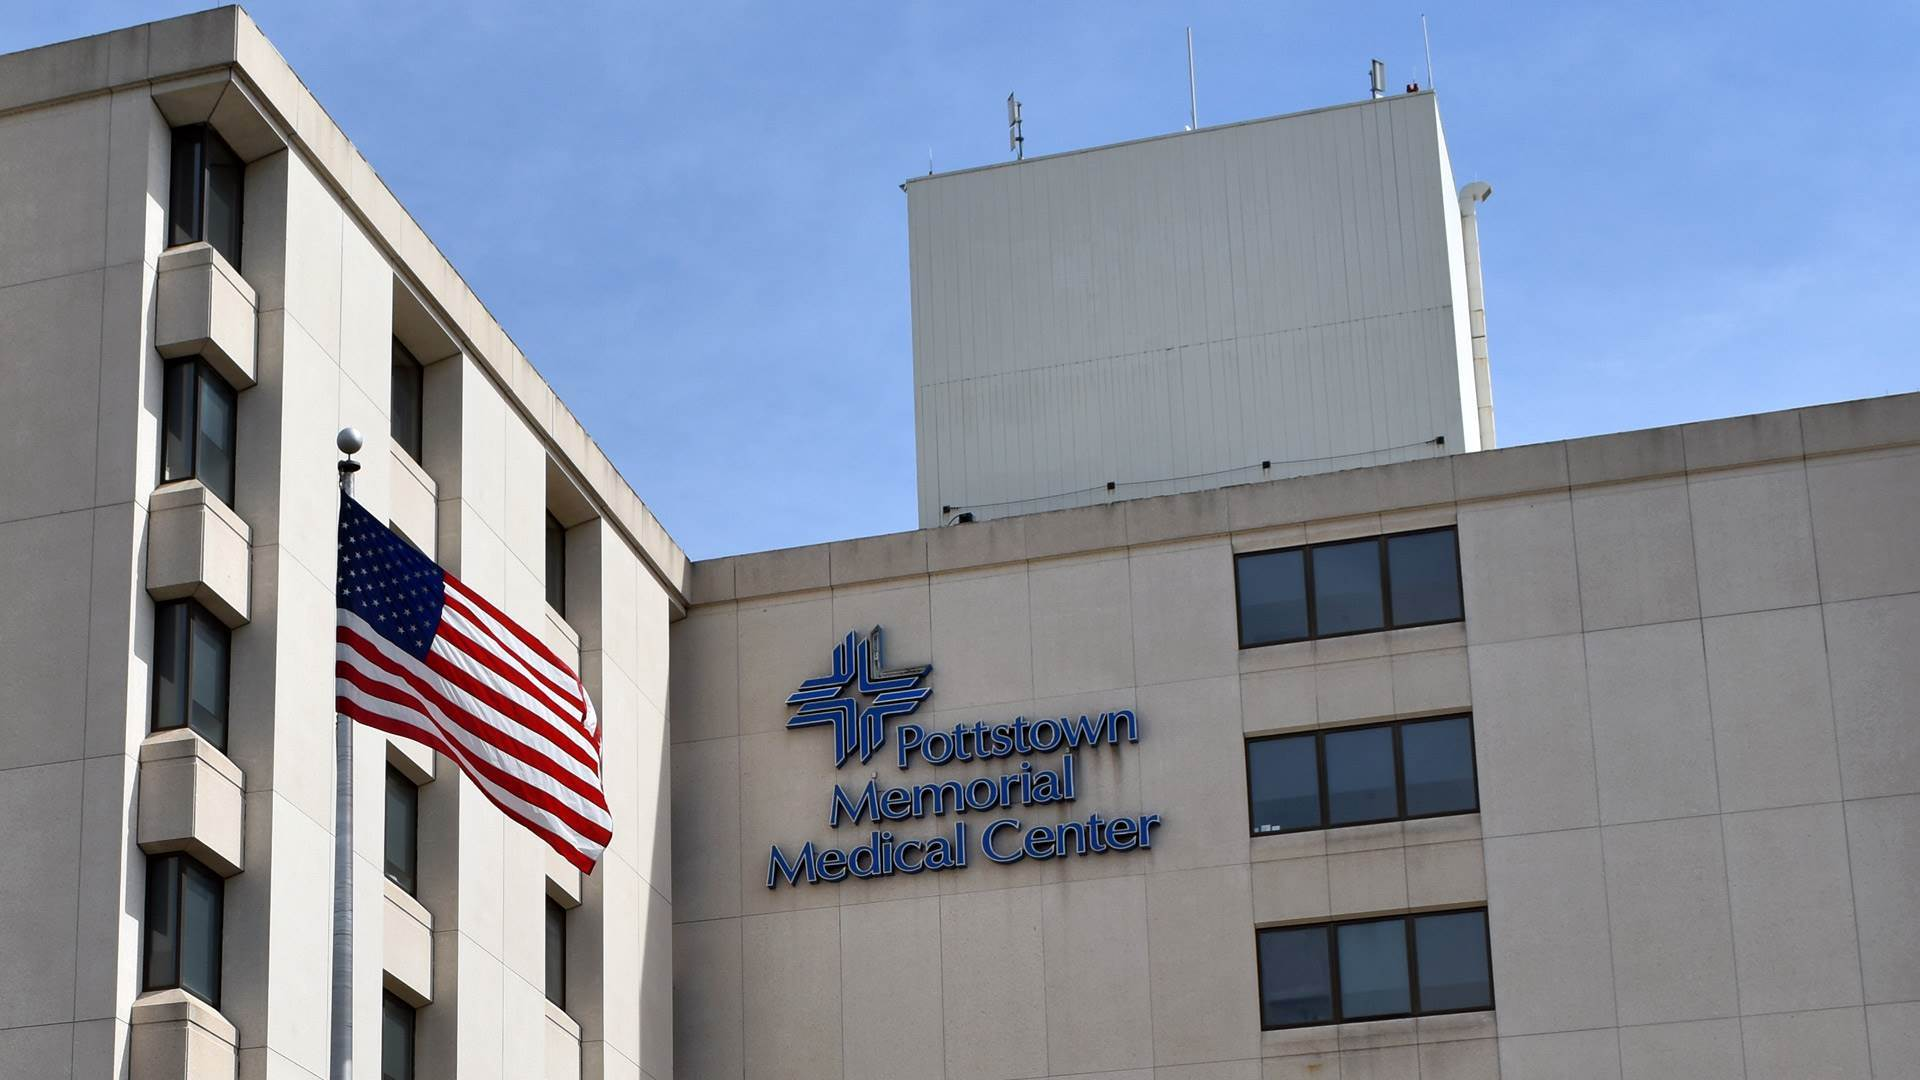 Pottstown Medical Center